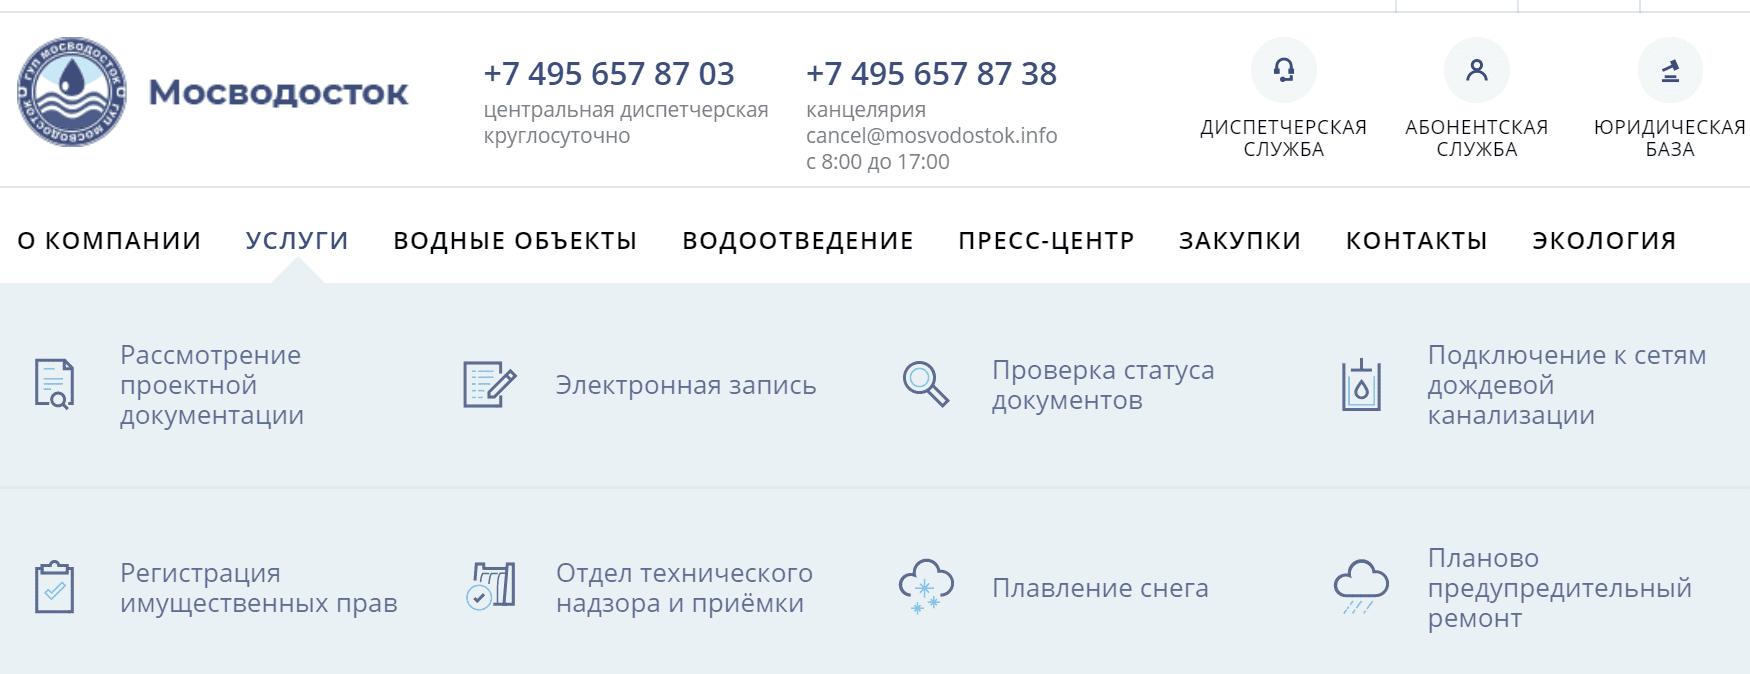 Официальный сайт предприятия ГУП «Мосводосток»